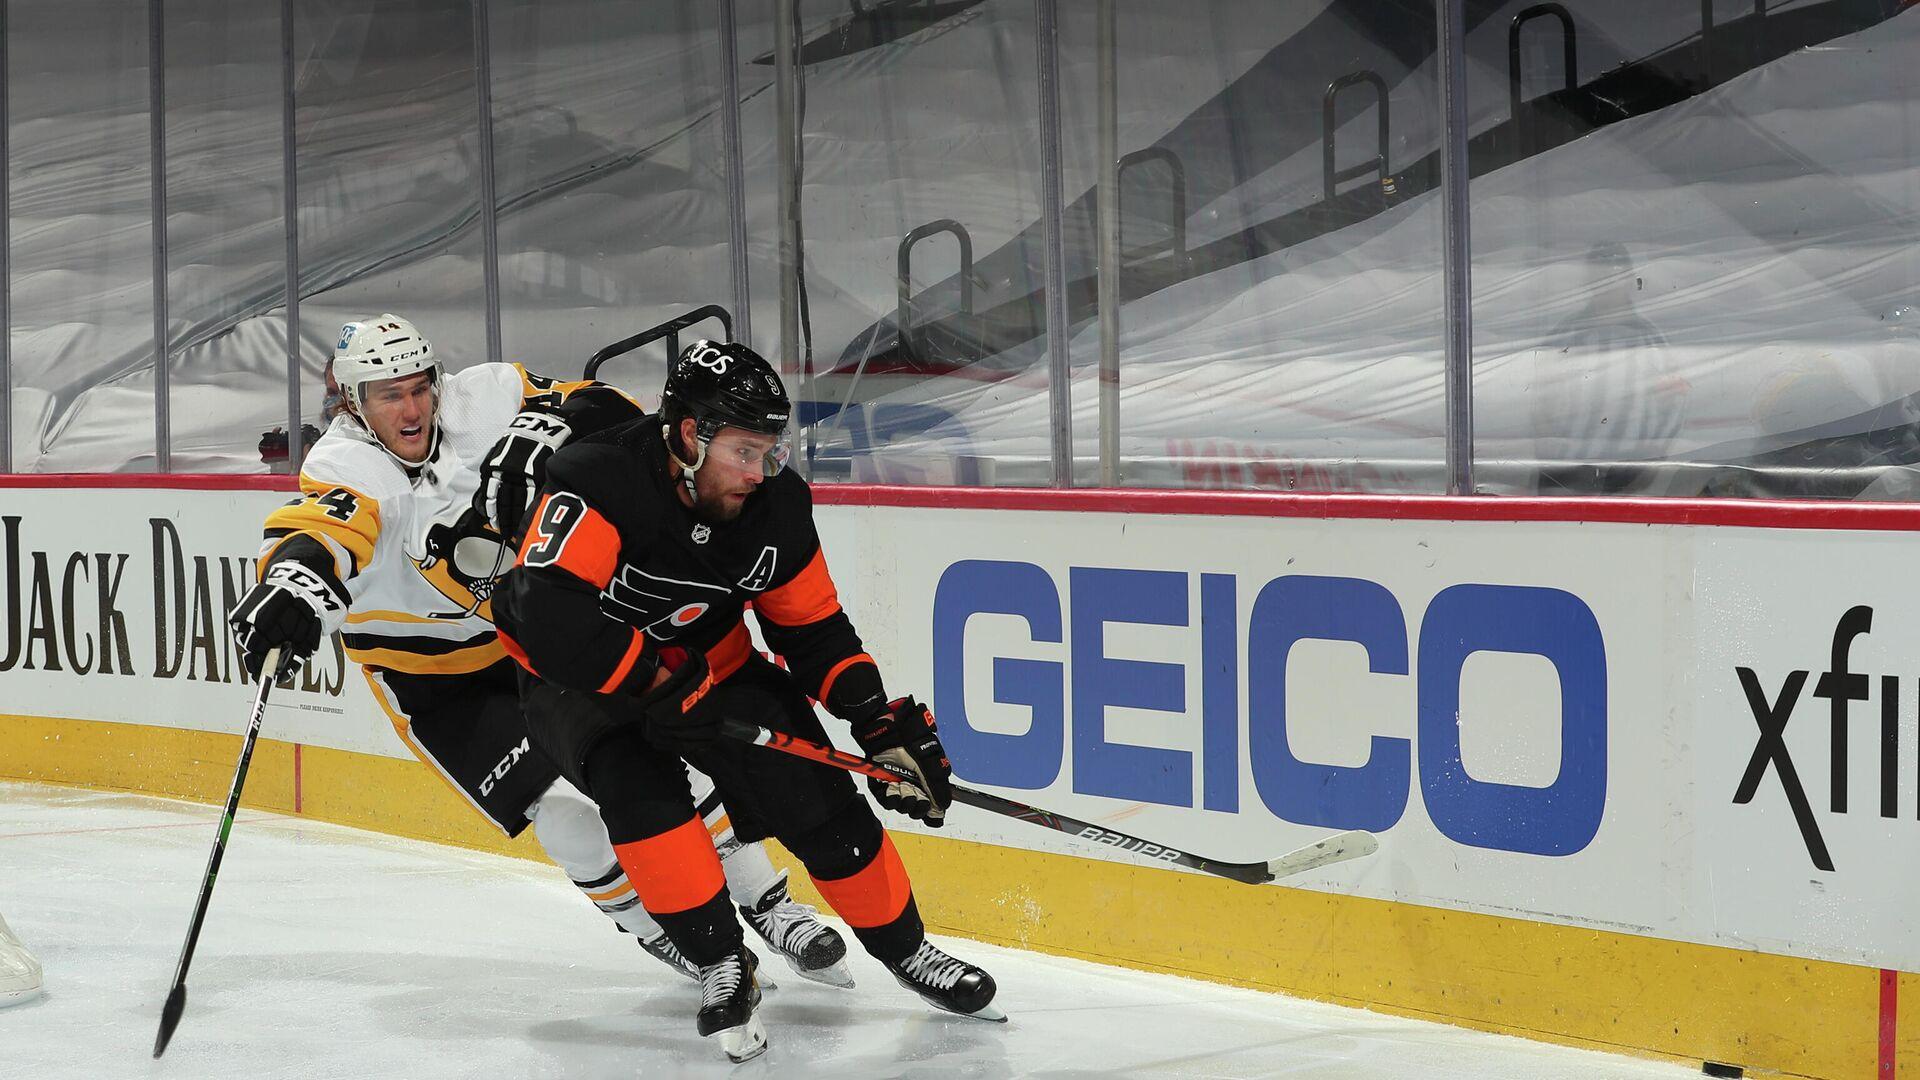 Иван Проворов в матче НХЛ между командами Филадельфия Флайерз и Питтсбург Пингвинз - РИА Новости, 1920, 16.01.2021